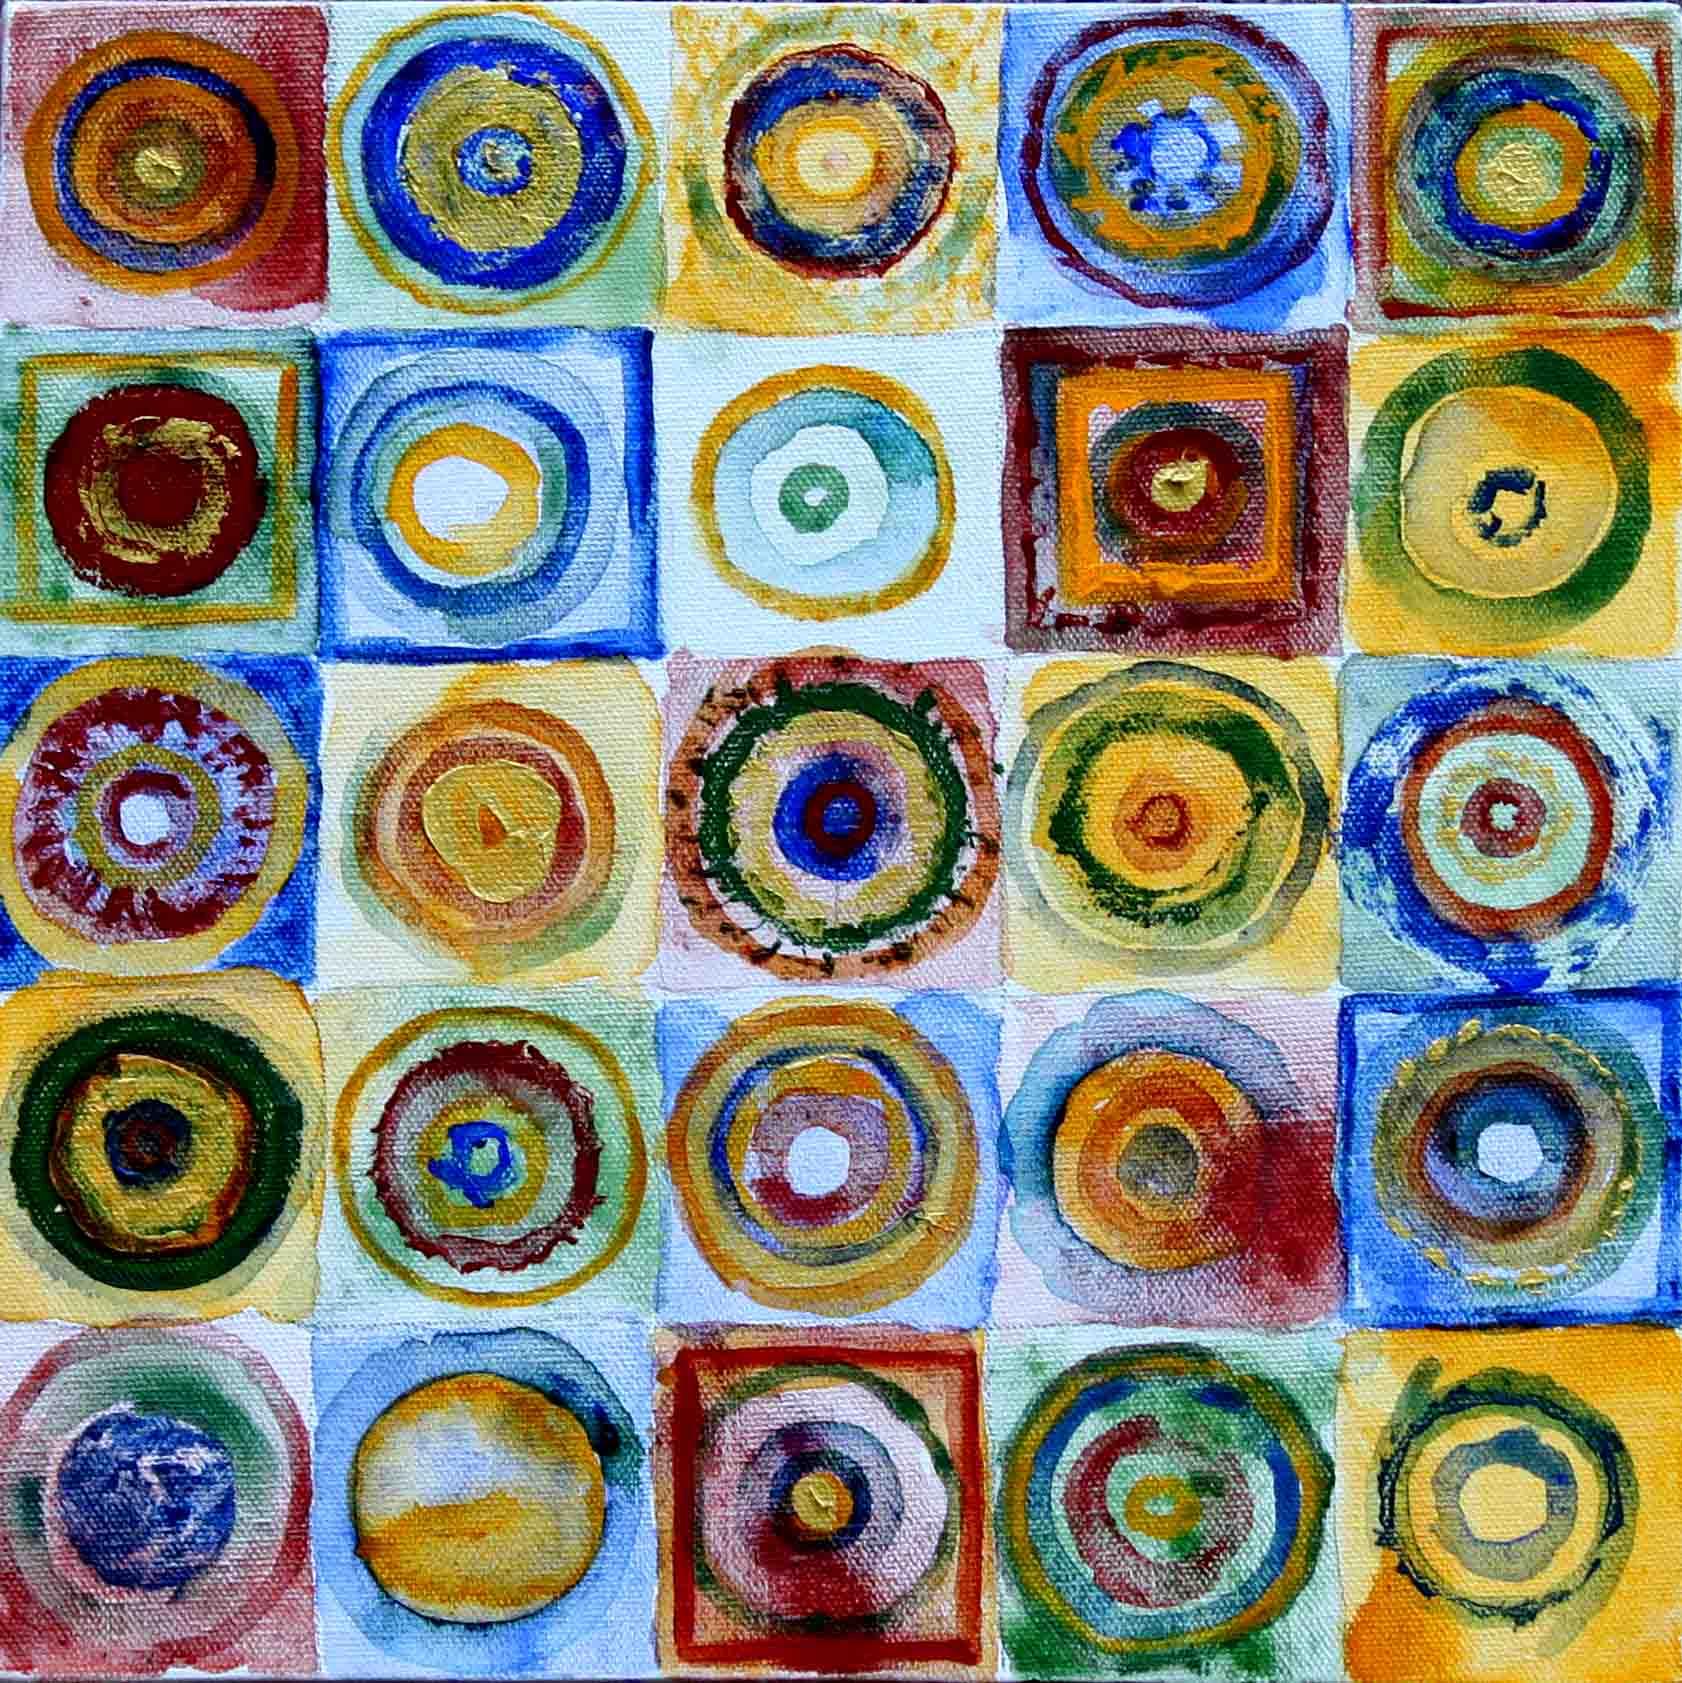 25 circles